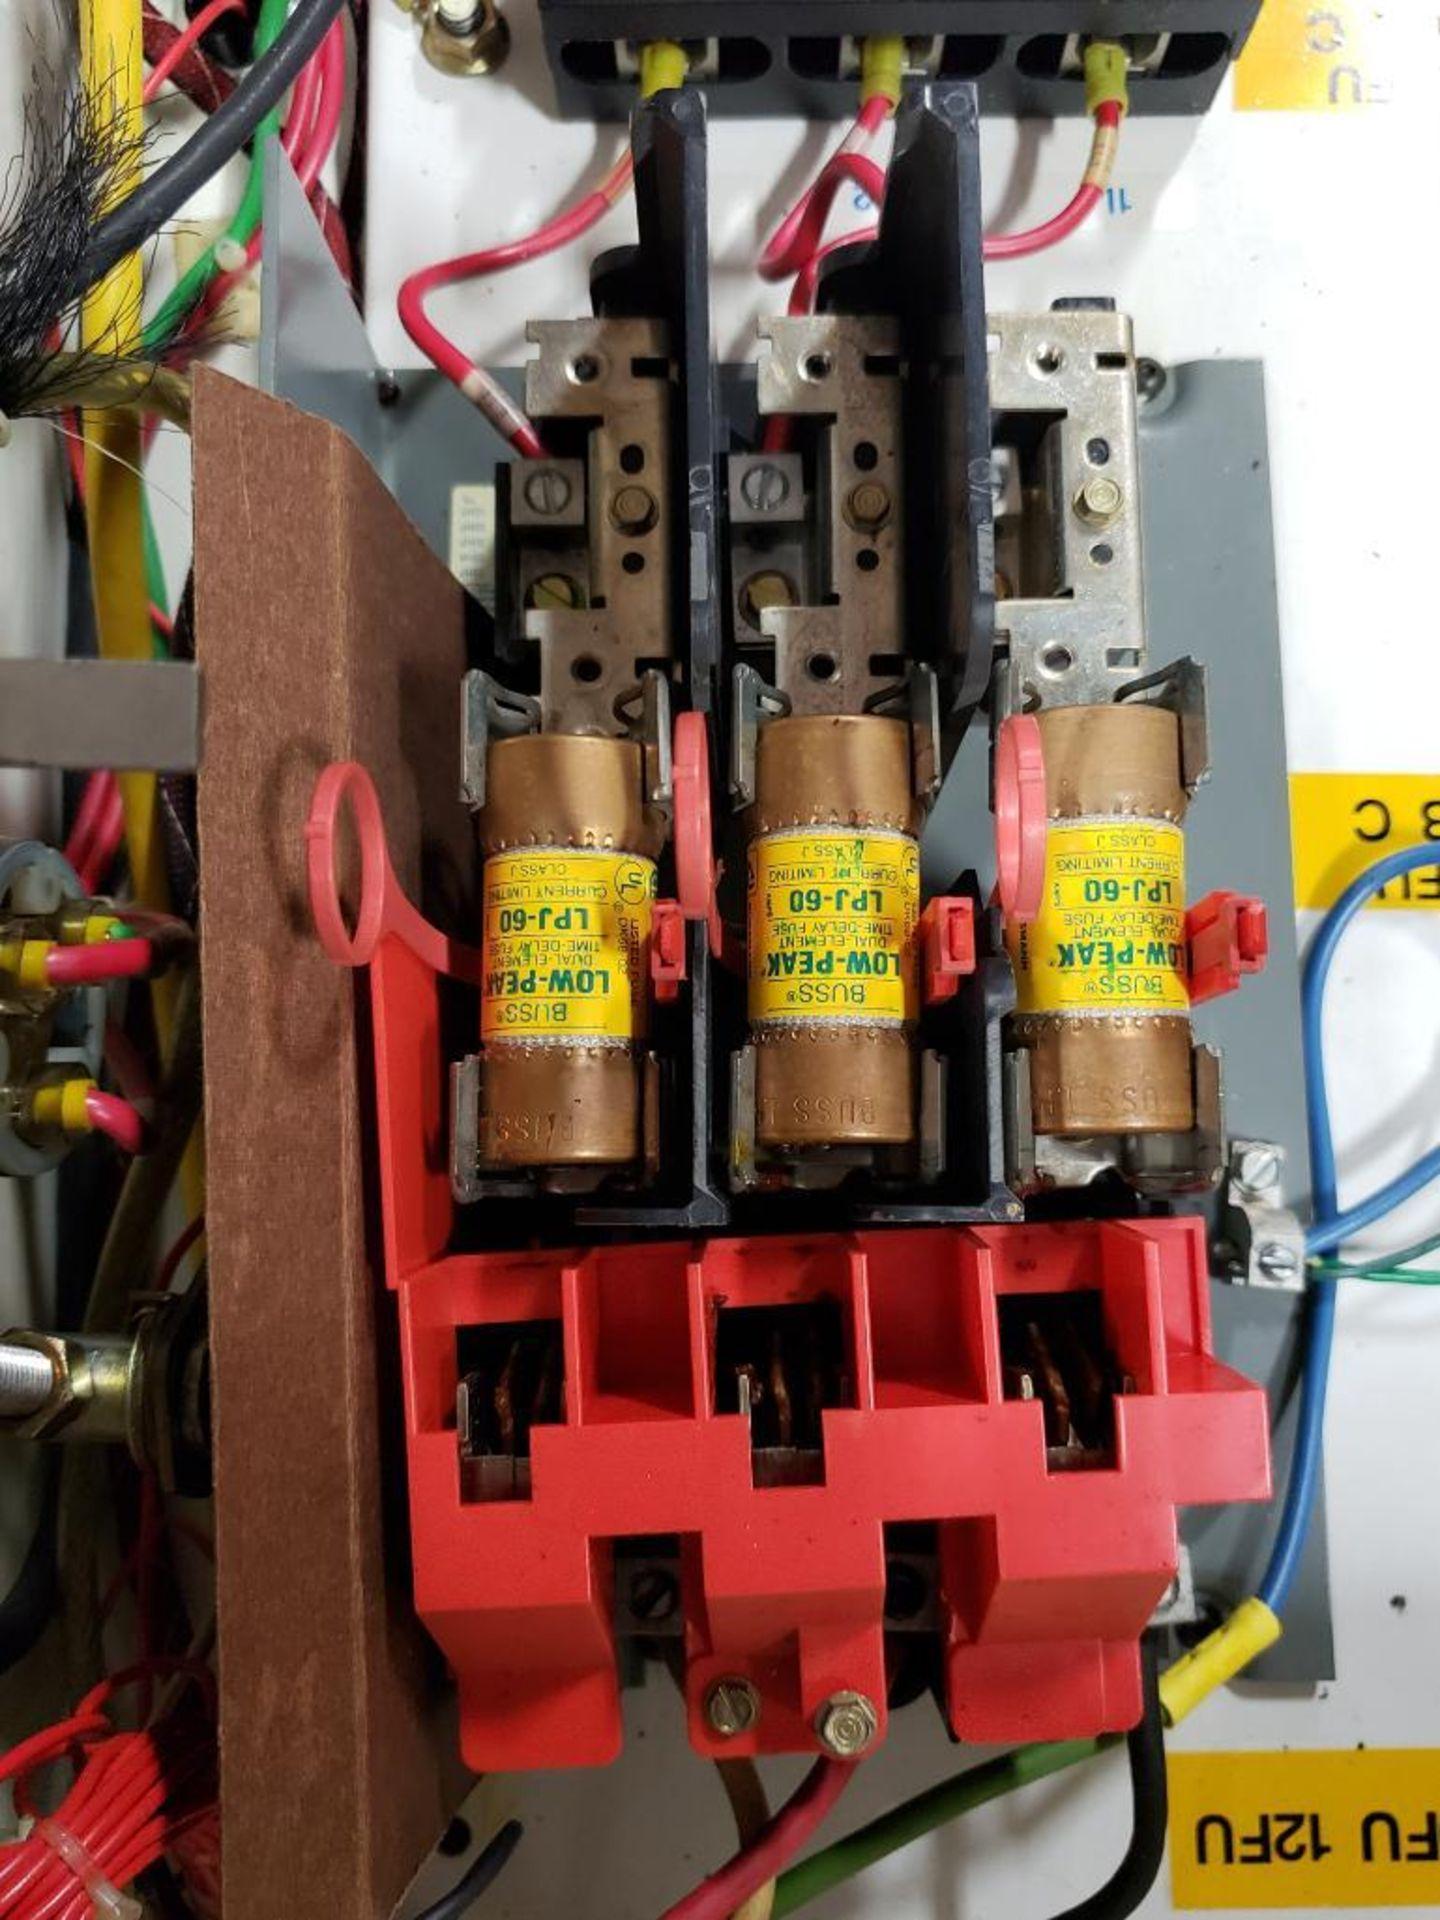 Chiller control cabinet. Hoffman enclosure, Cutler Hammer AF93AG0B007D drive, Allen Bradley drive. - Image 26 of 35